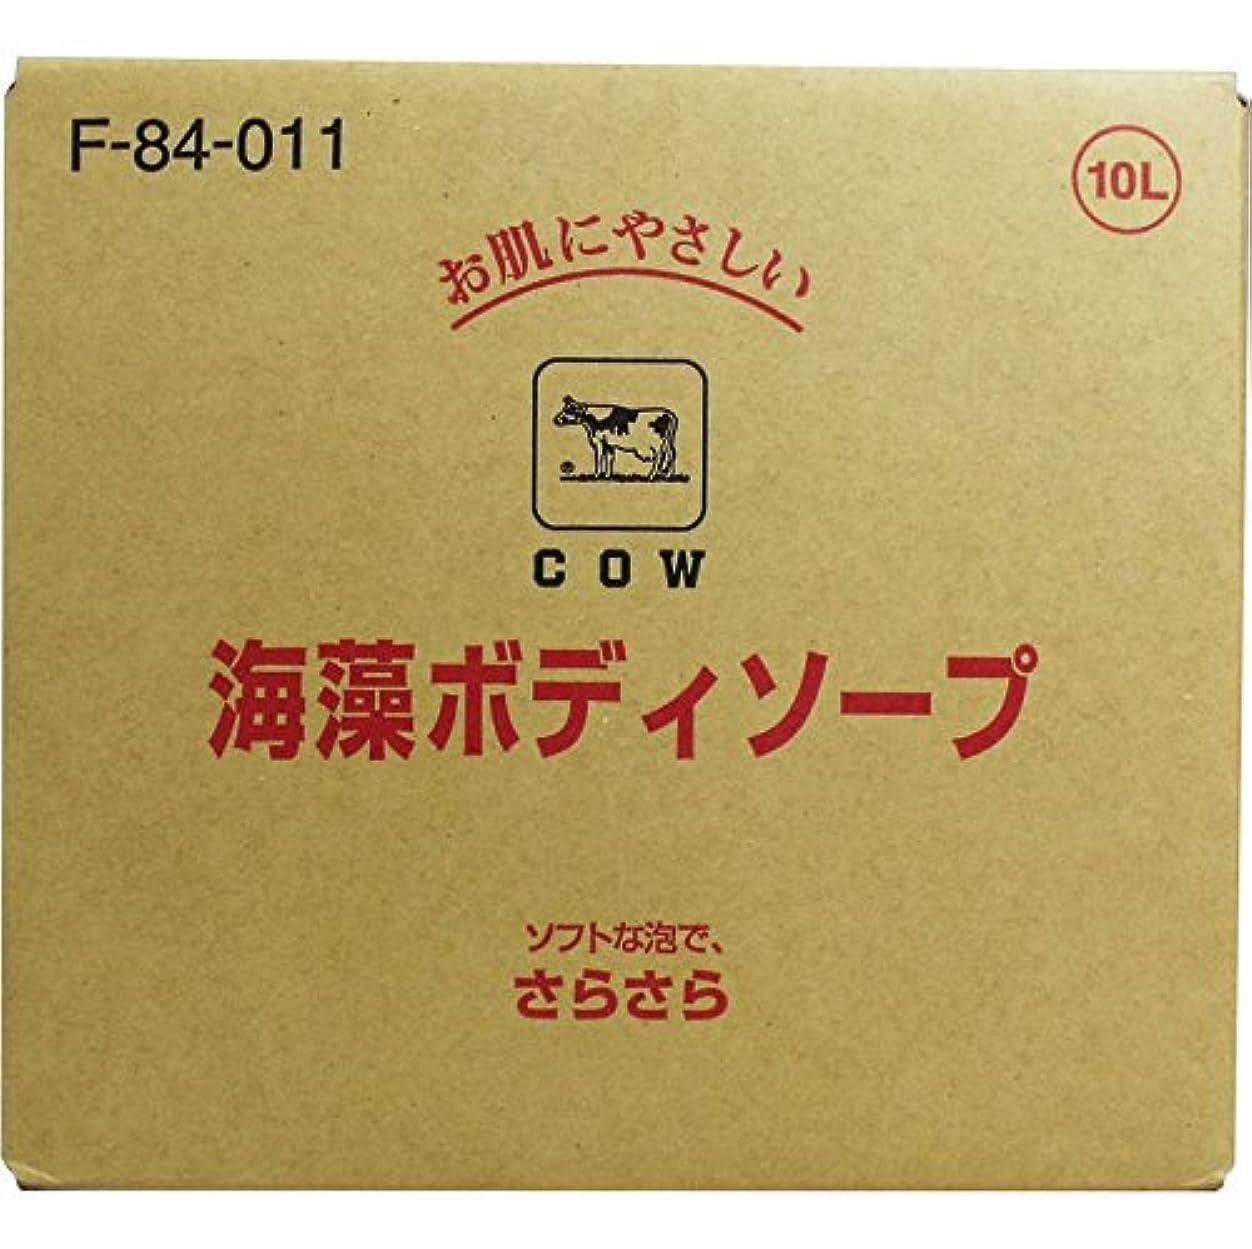 スライム邪魔浸漬ボディ 石けん詰め替え さらさらした洗い心地 便利商品 牛乳ブランド 海藻ボディソープ 業務用 10L